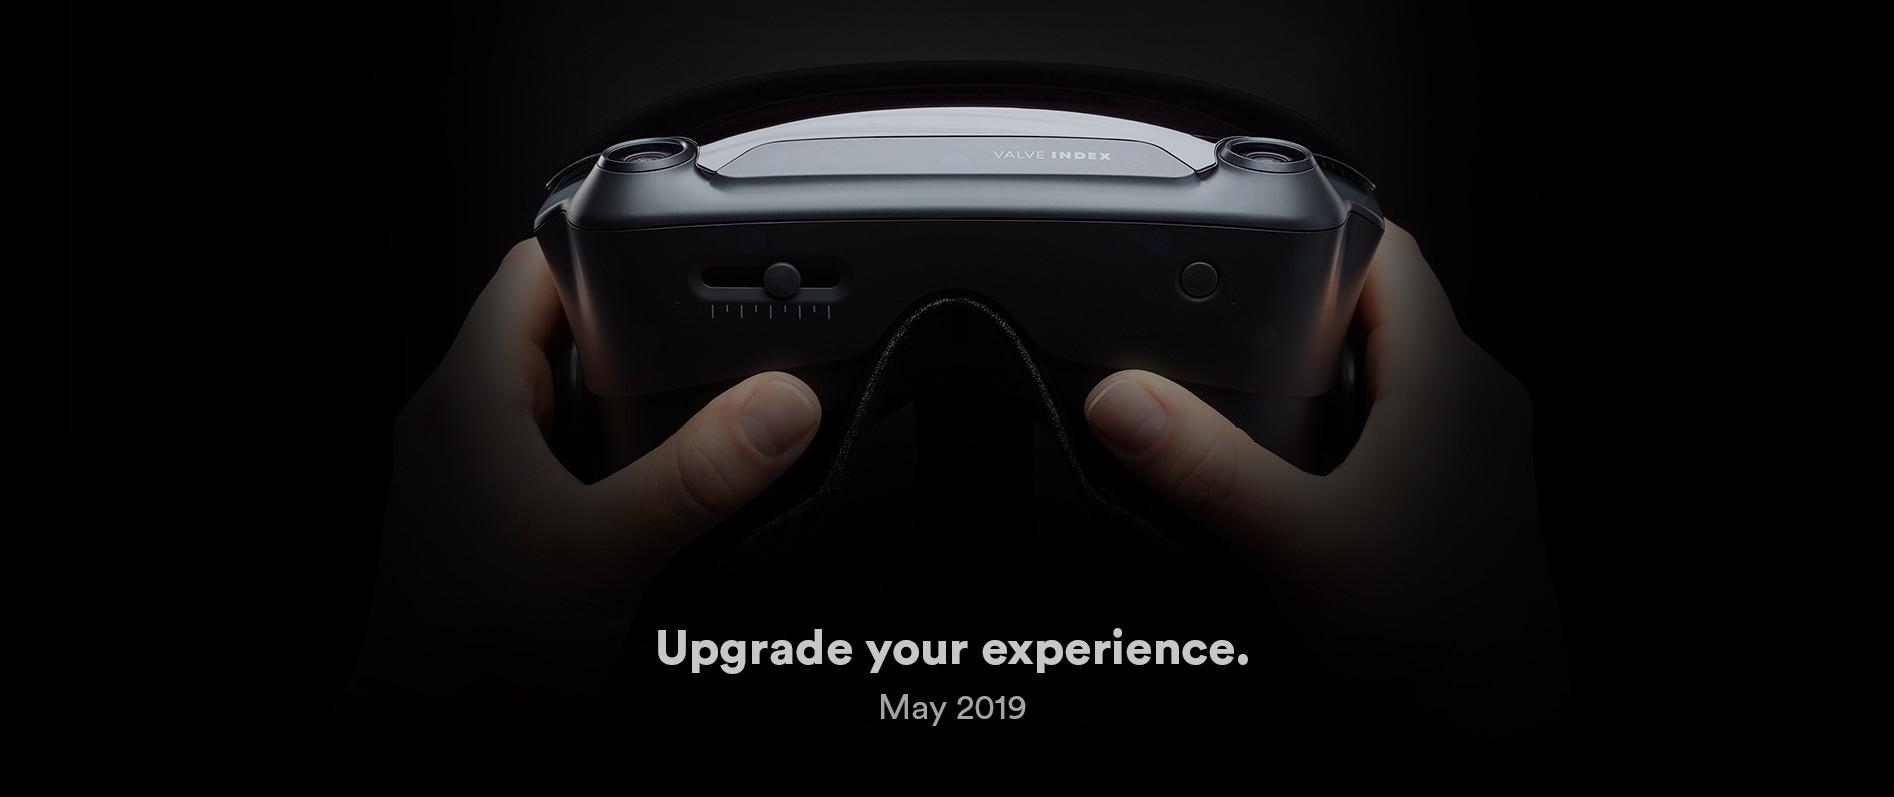 В Steam появился тизер VR-устройства Valve Index